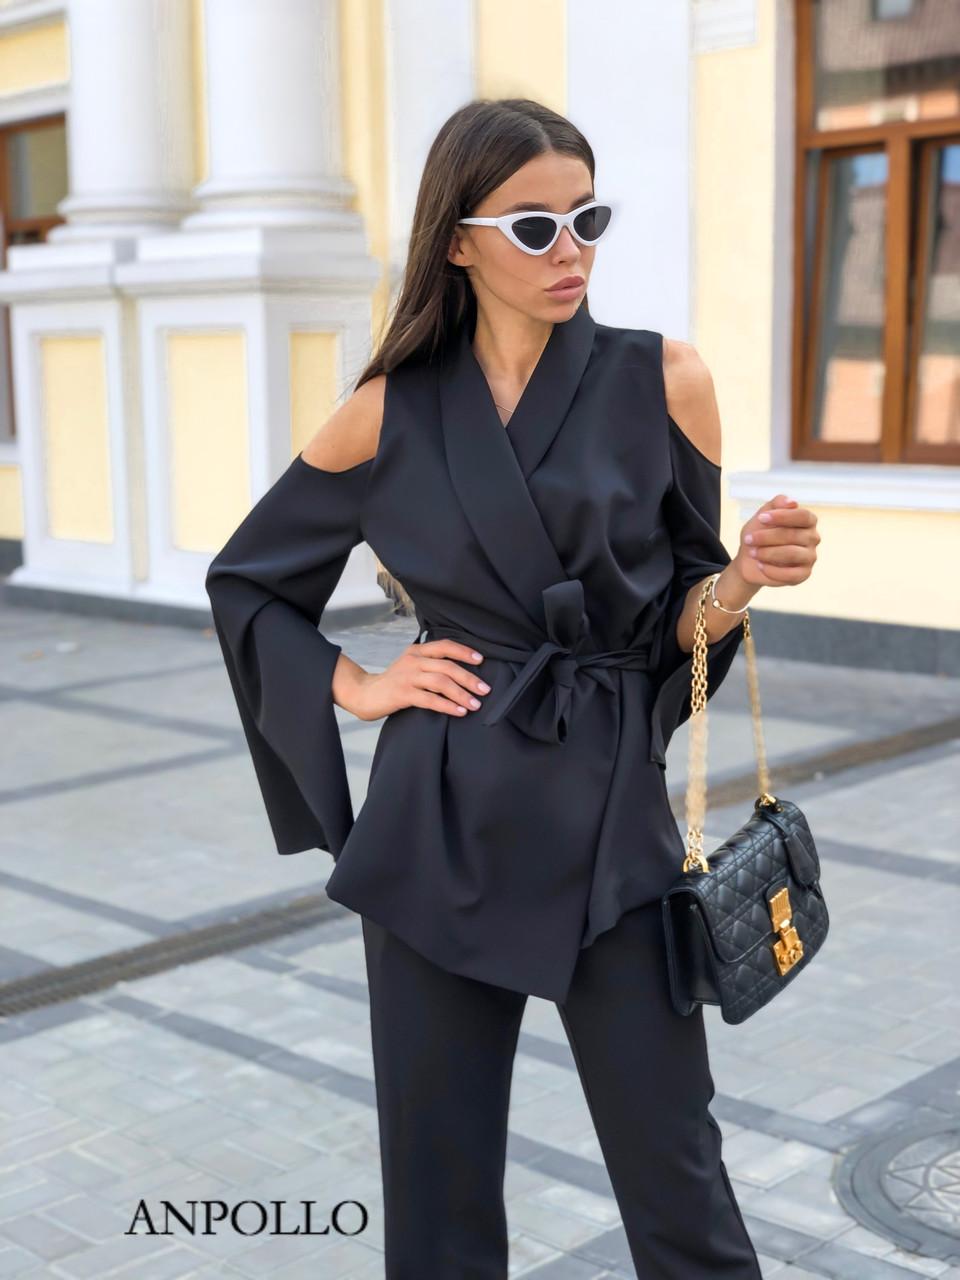 Женский брючный костюм с удлиненным жакетом и открытыми плечами 17kos242